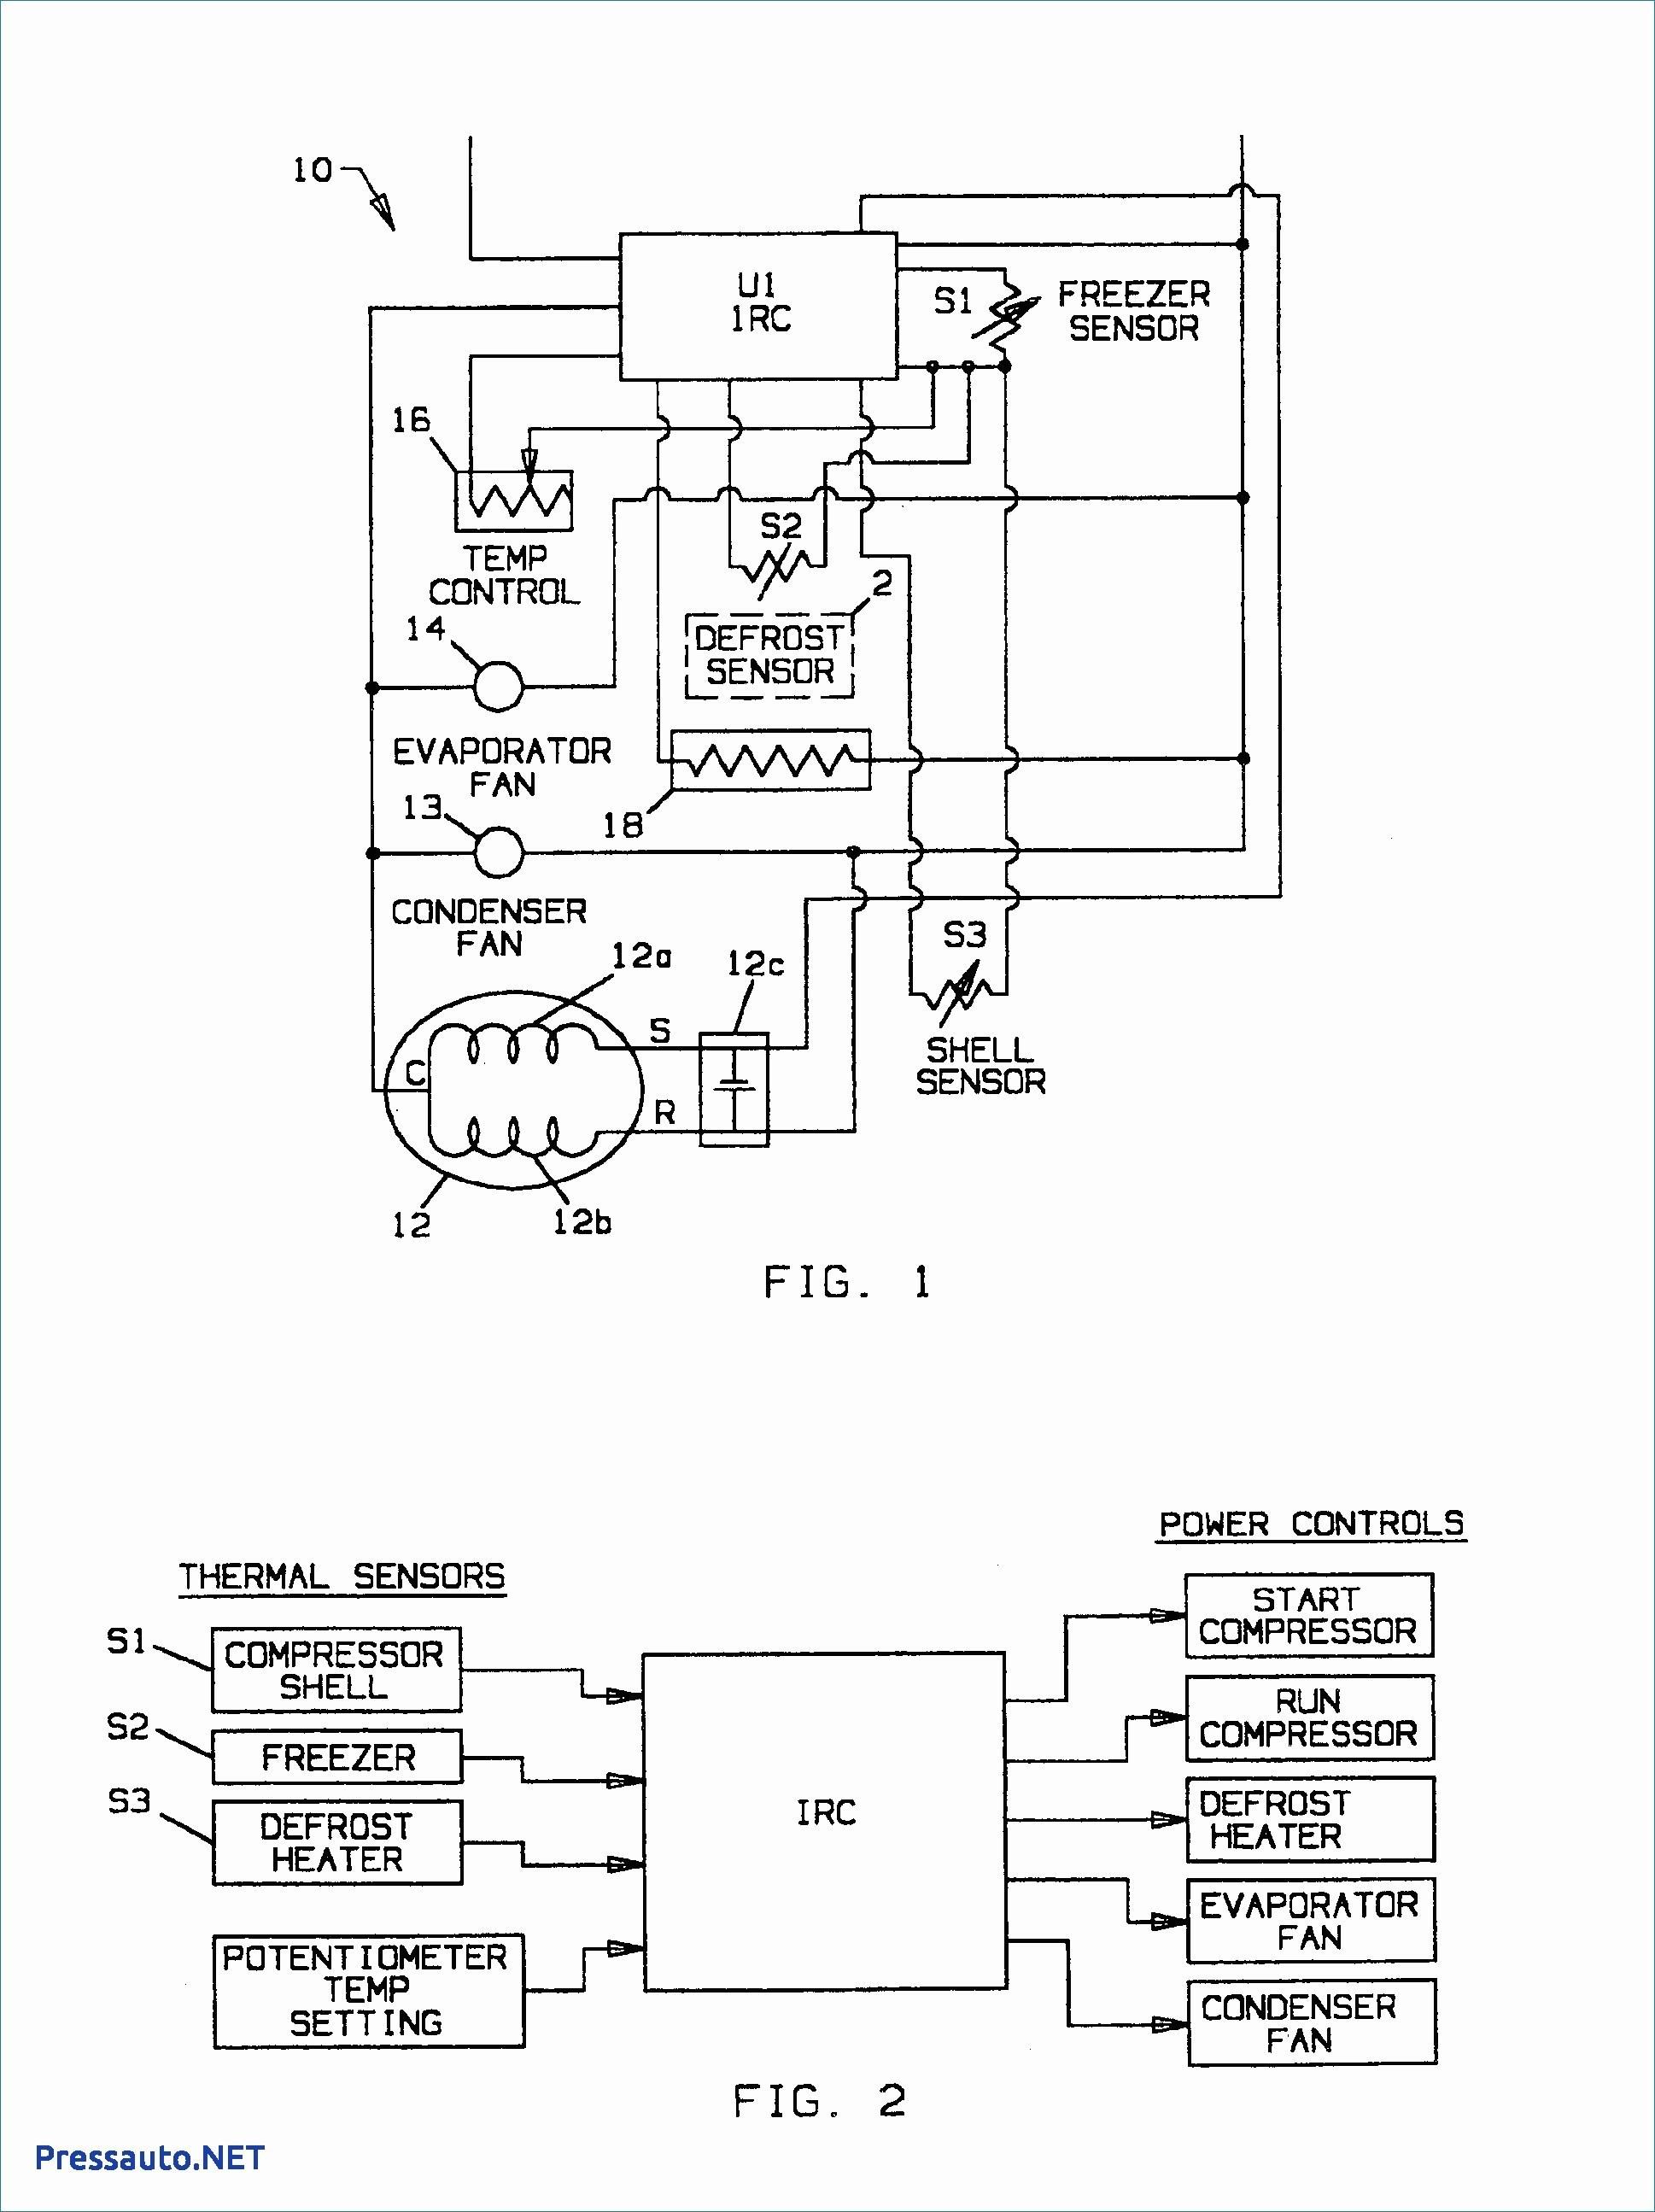 CZ_7456] Chest Freezer Wiring Schematic Download DiagramAmenti Venet Cajos Mohammedshrine Librar Wiring 101